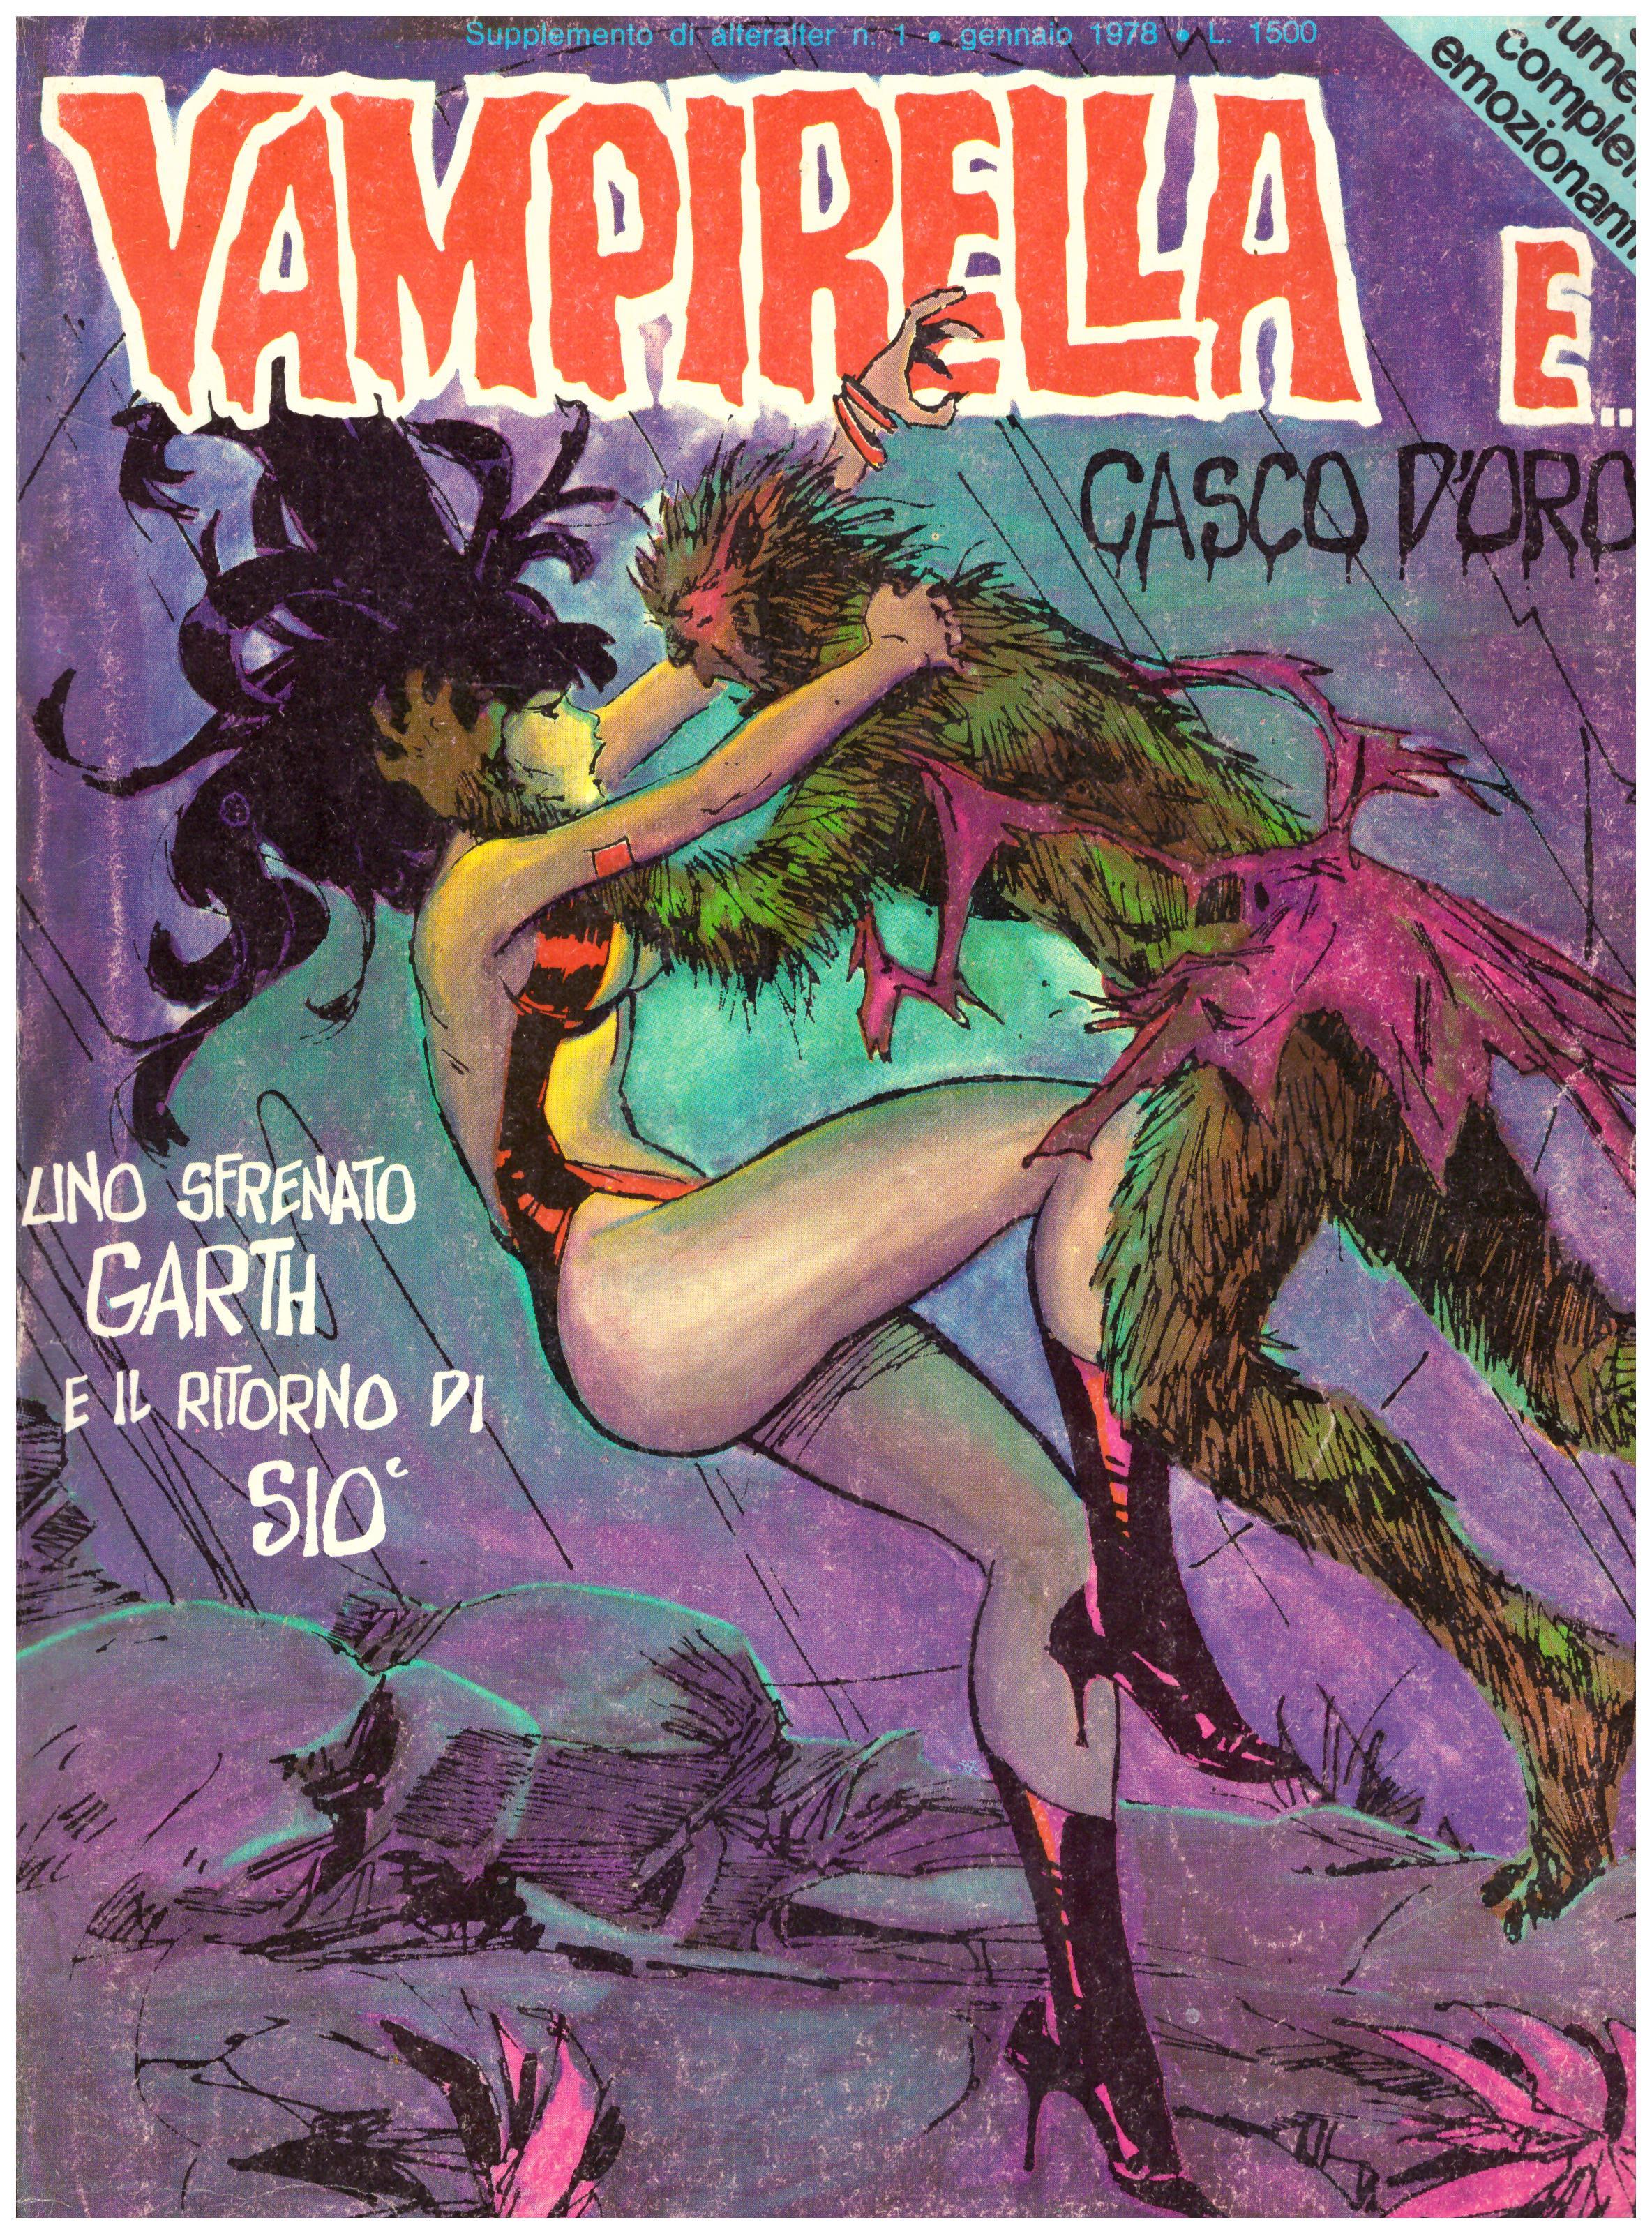 Titolo: Vampirella e casco d'oro Autore: AA.VV. Editore: ALTERALTER 1978